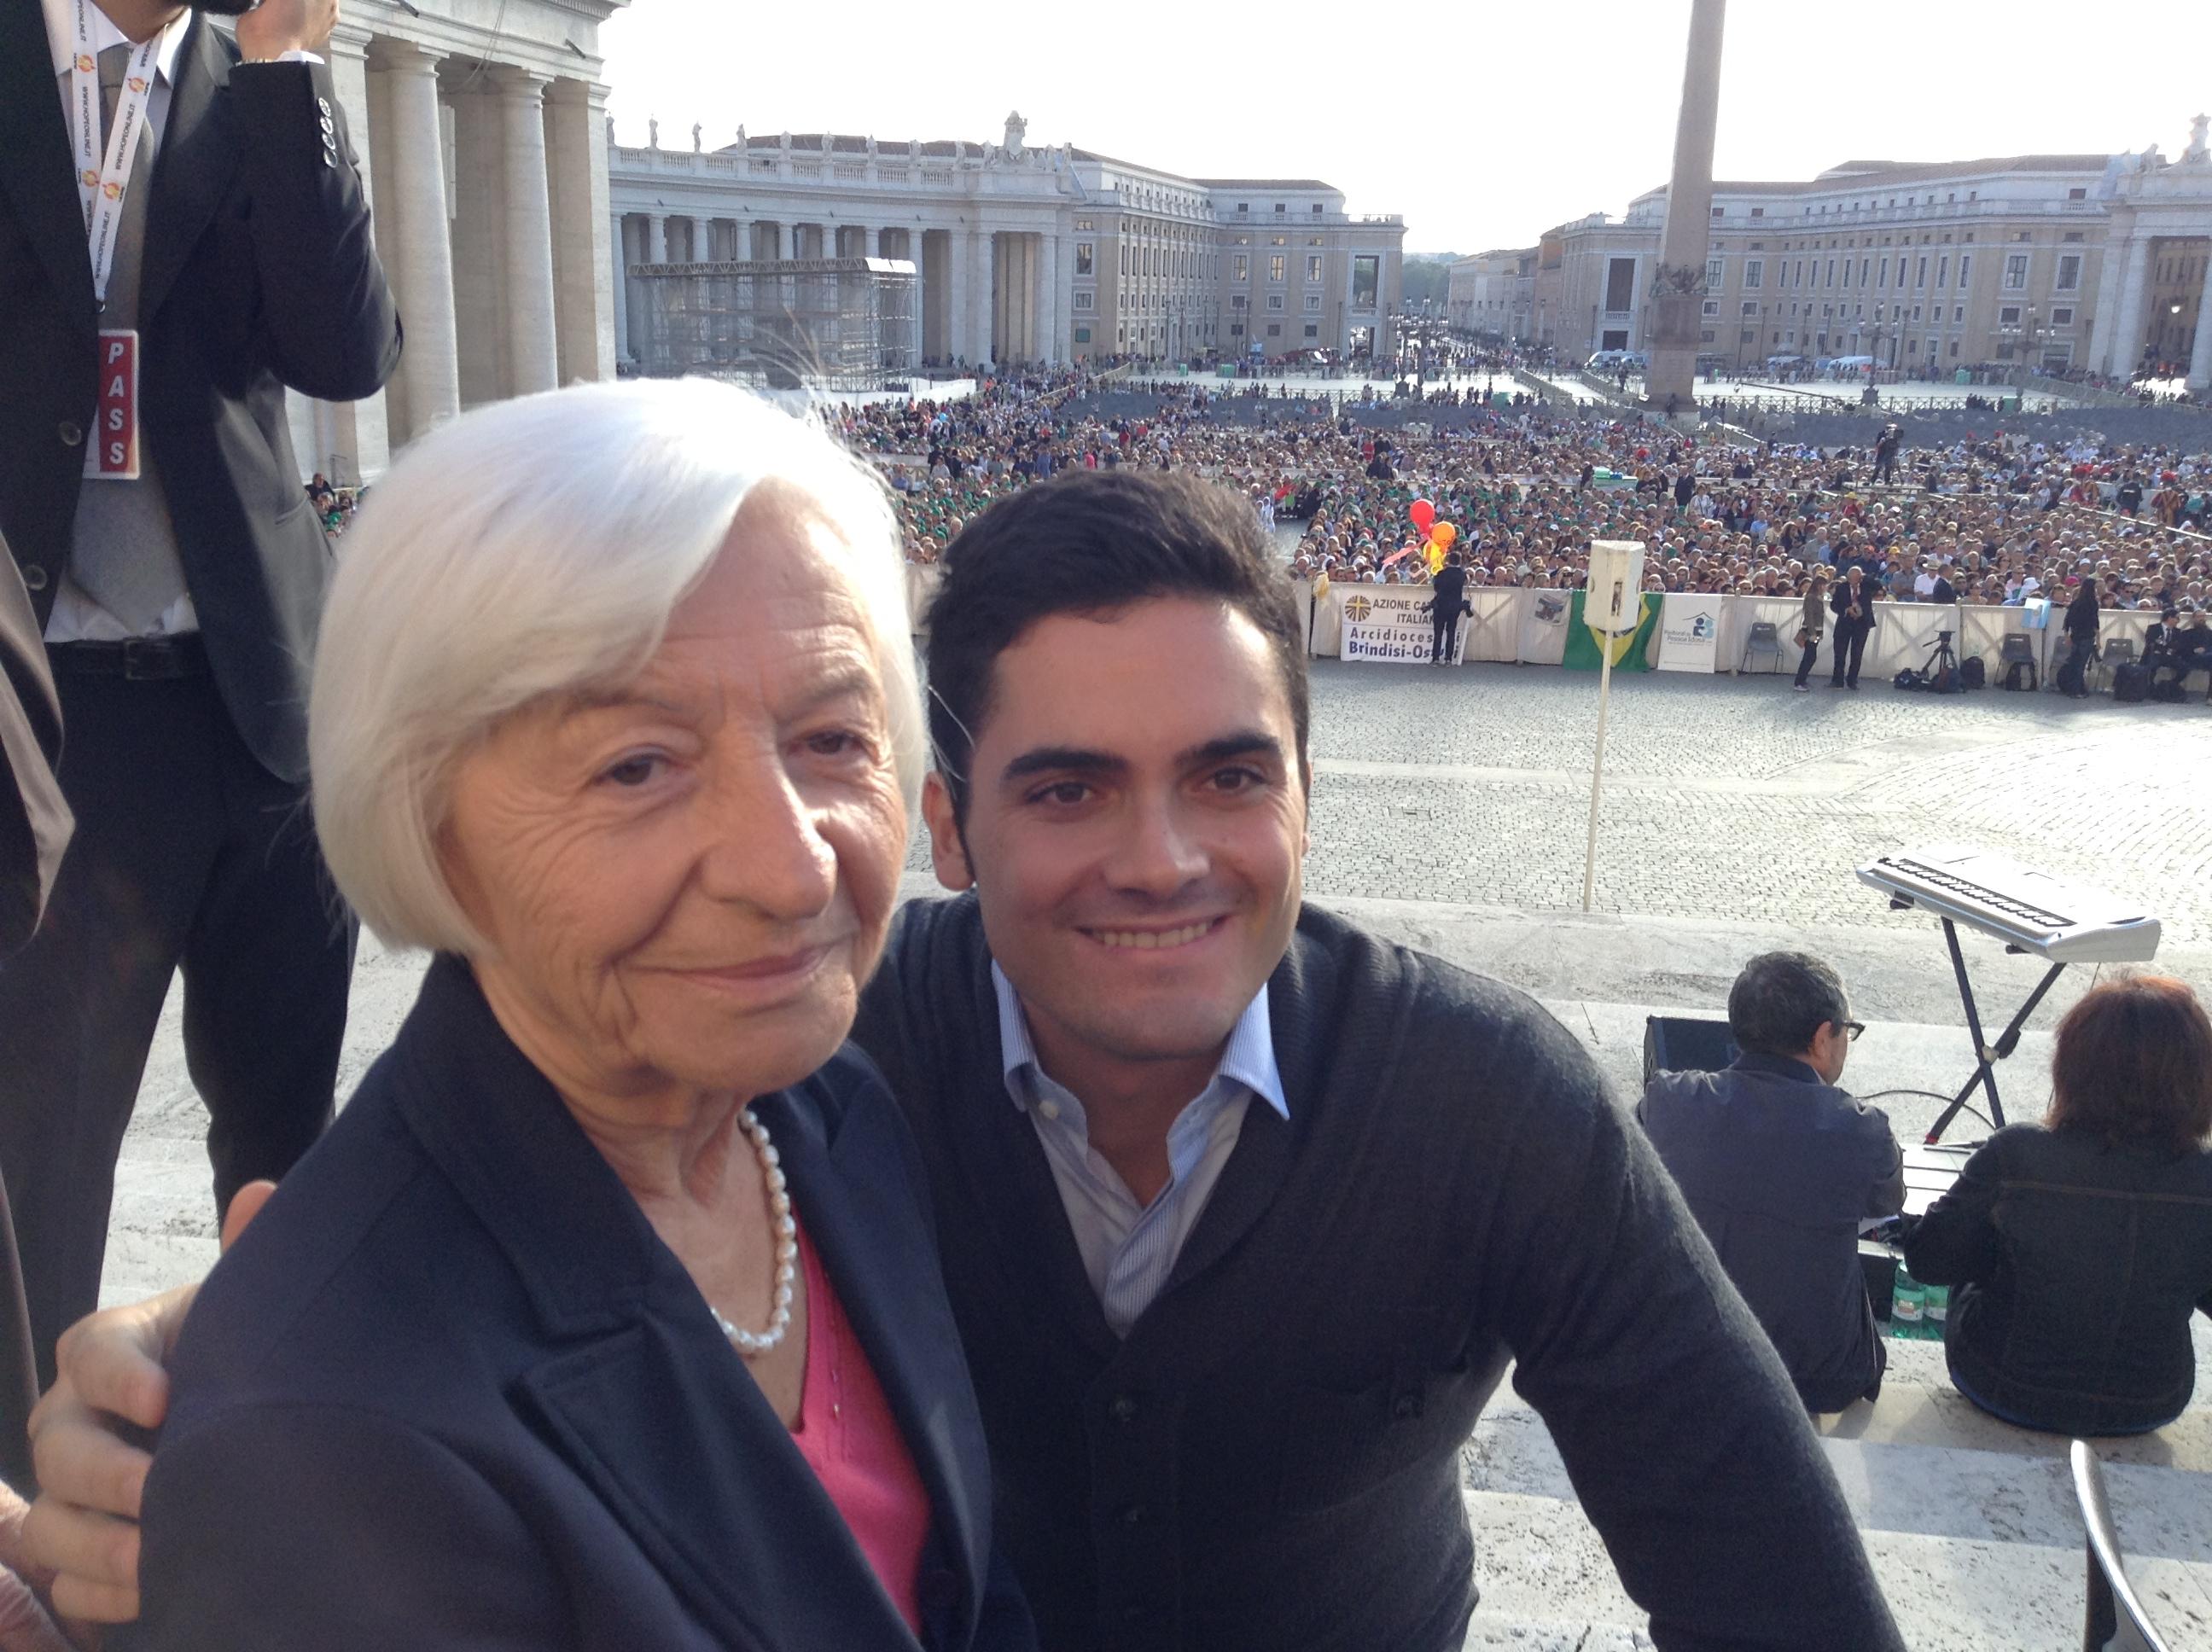 Giornata Internazionale dell'Anziano: l'intervento di Antonia  Canini all'incontro  di Papa Francesco con gli anziani